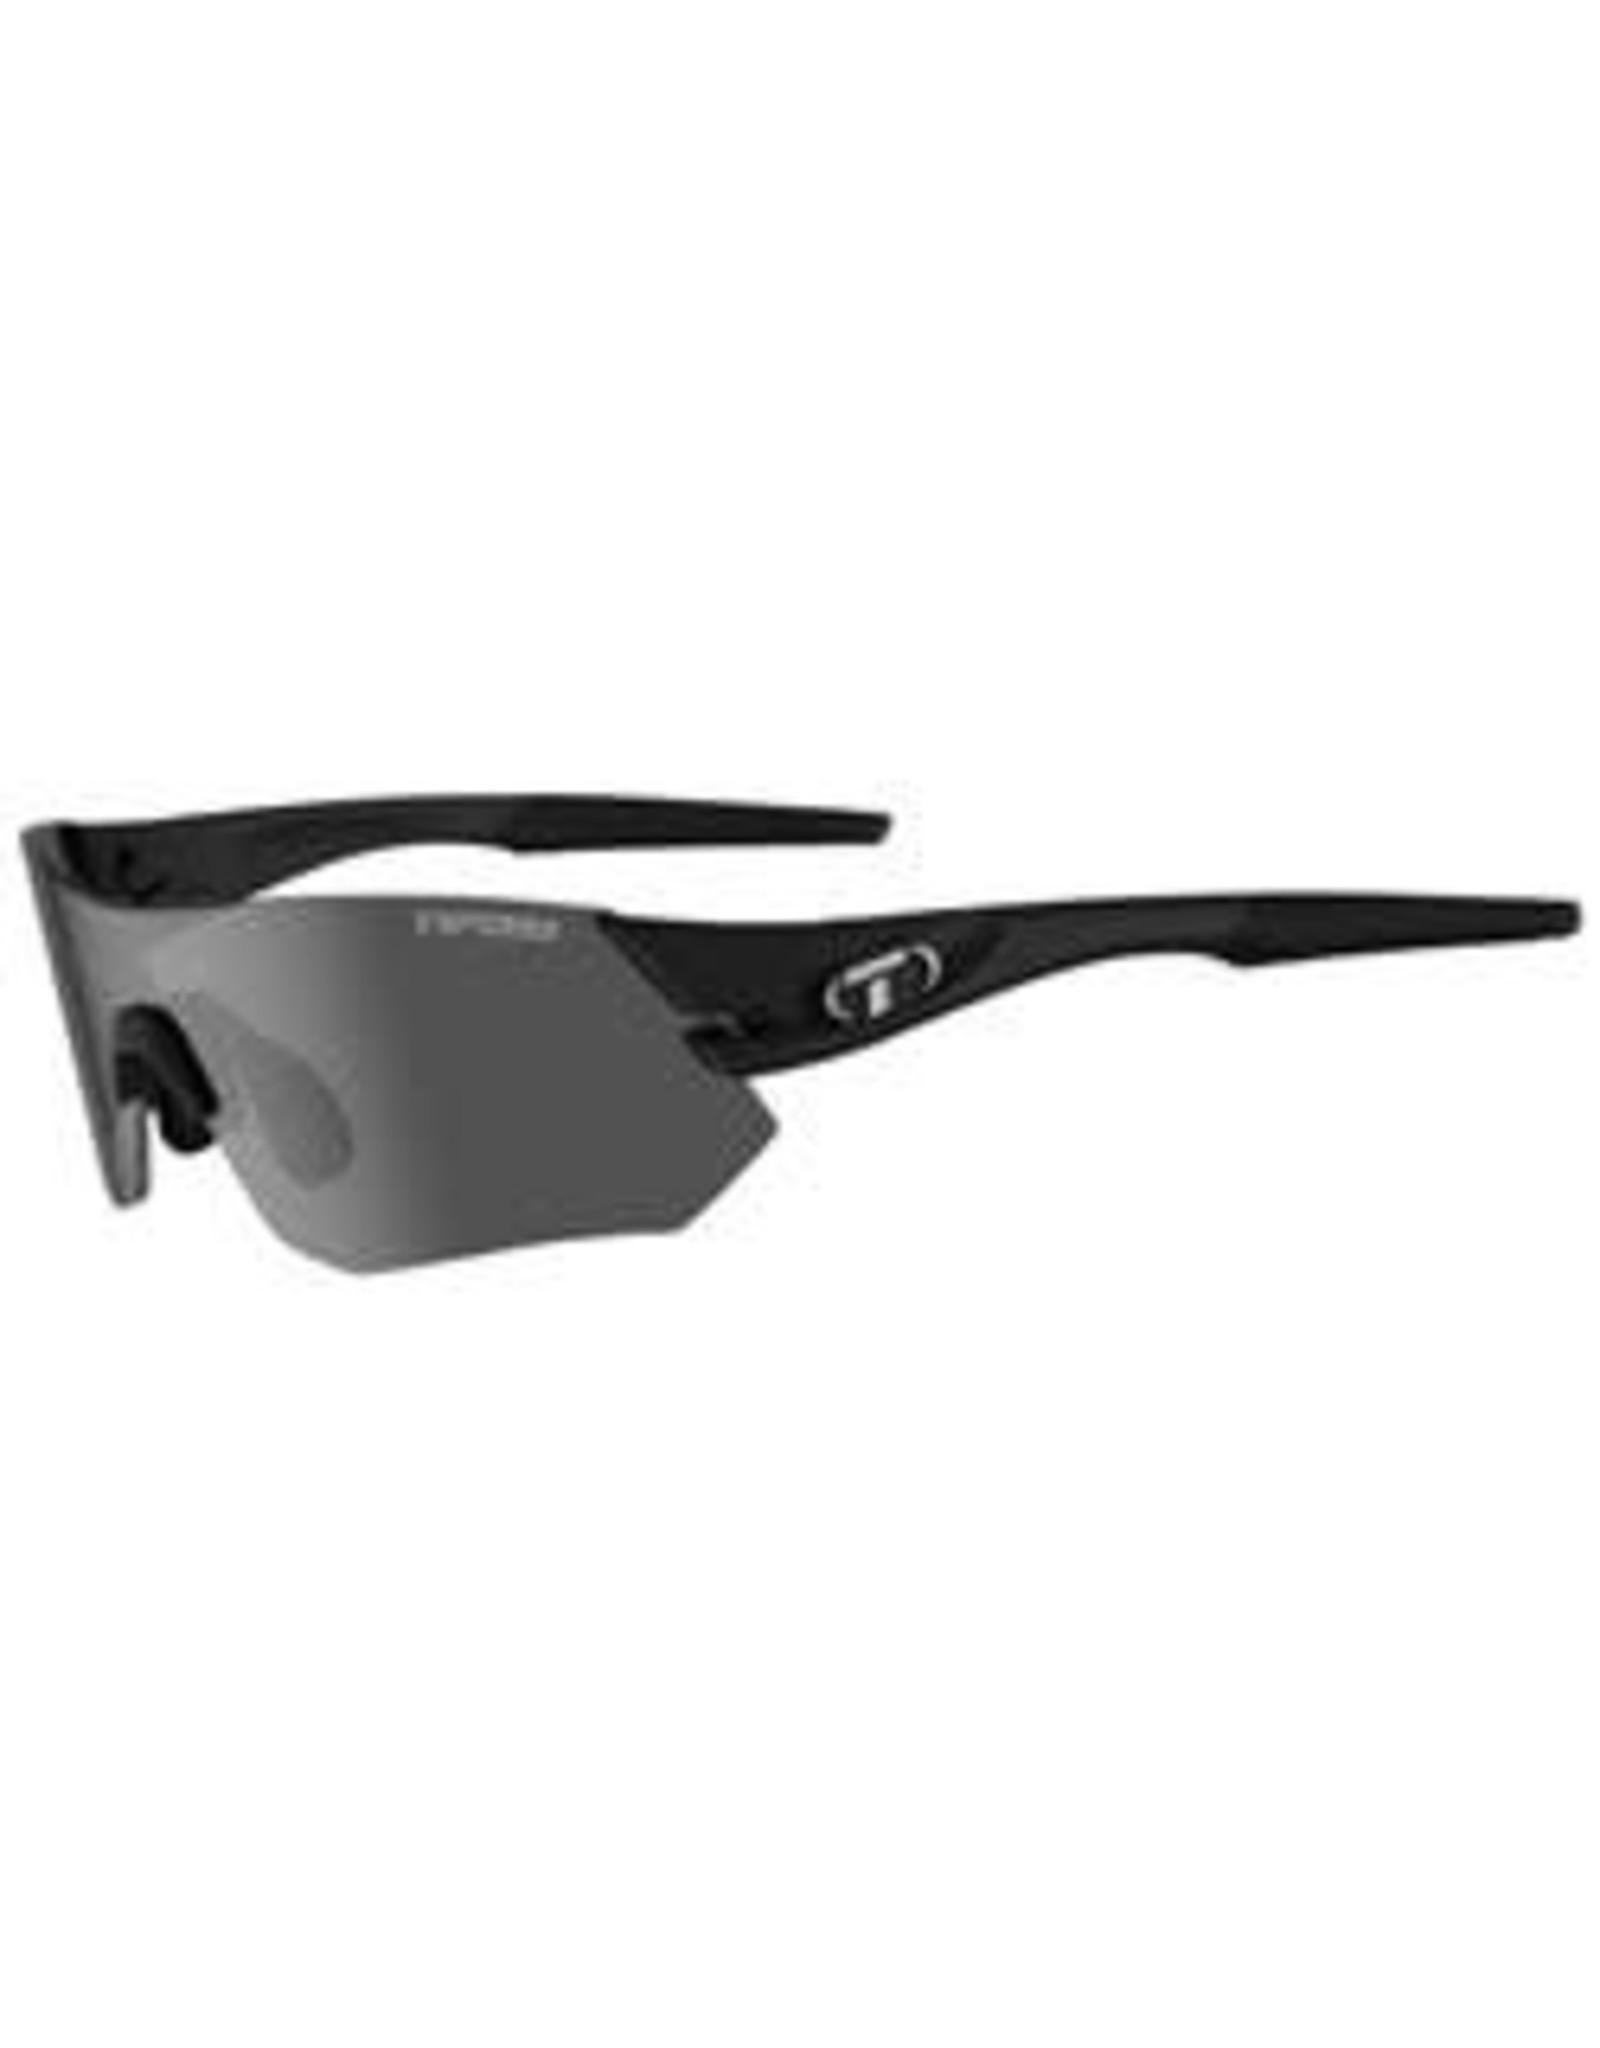 Tifosi Optics Tsali, Matte Black Glasses